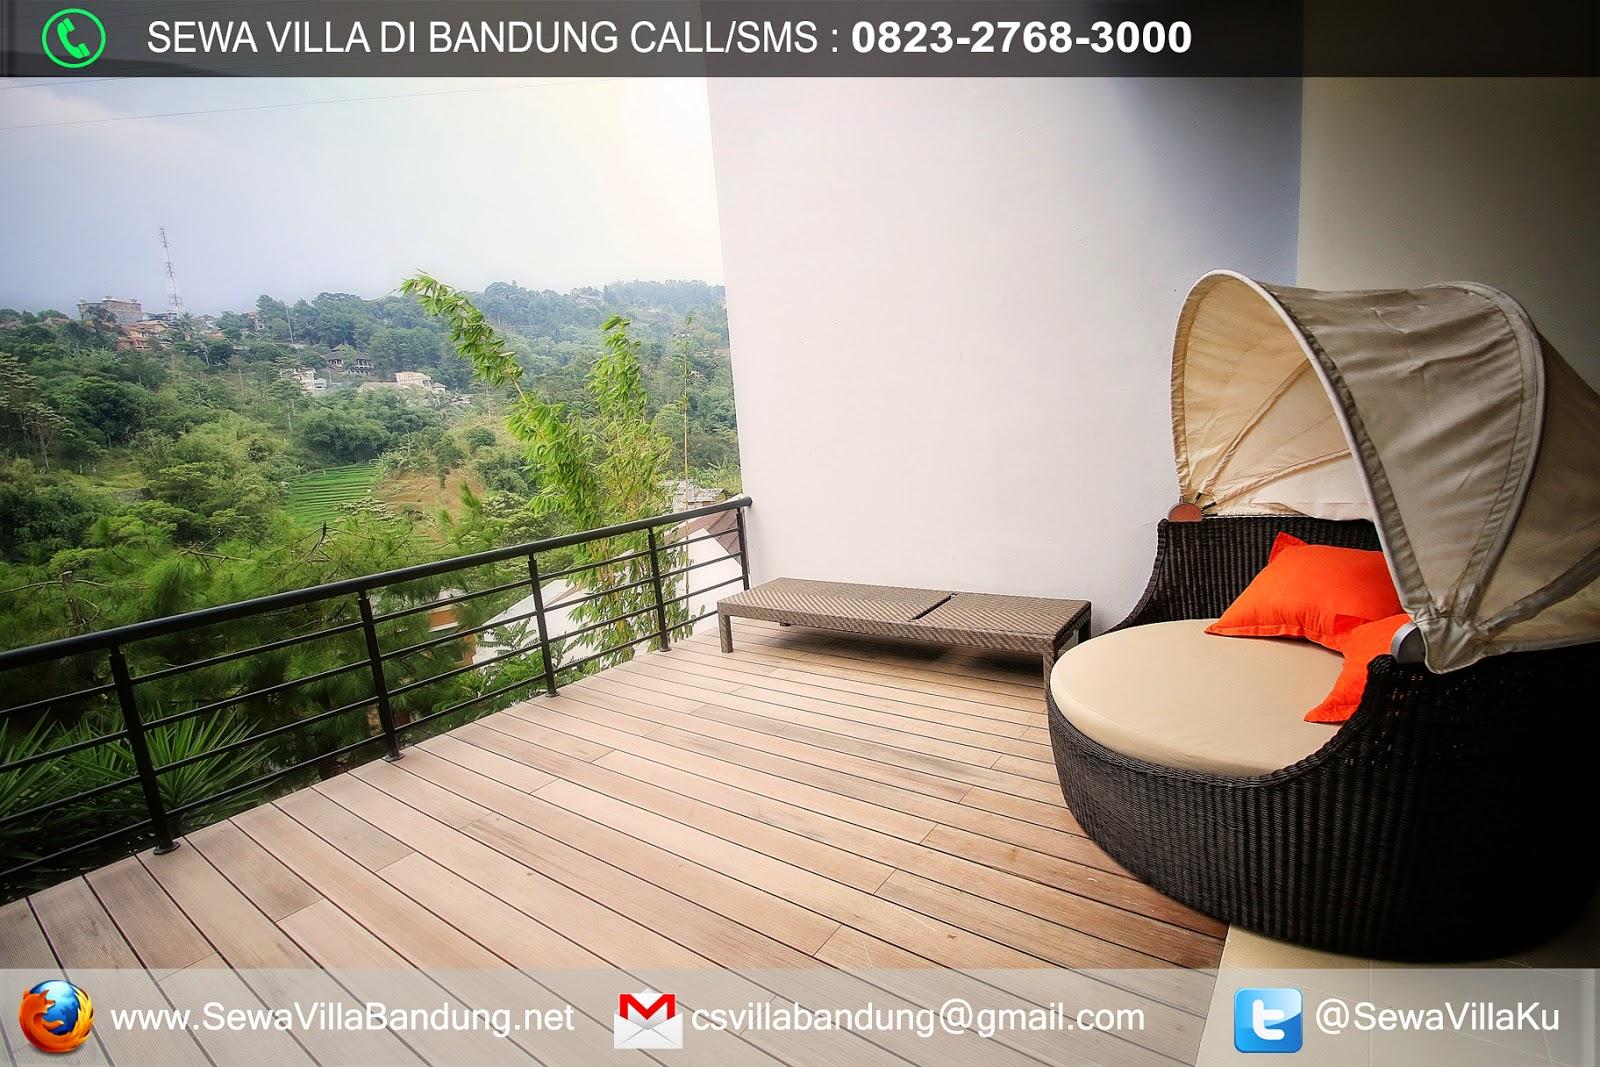 Daftar Sewa Villa di Bandung